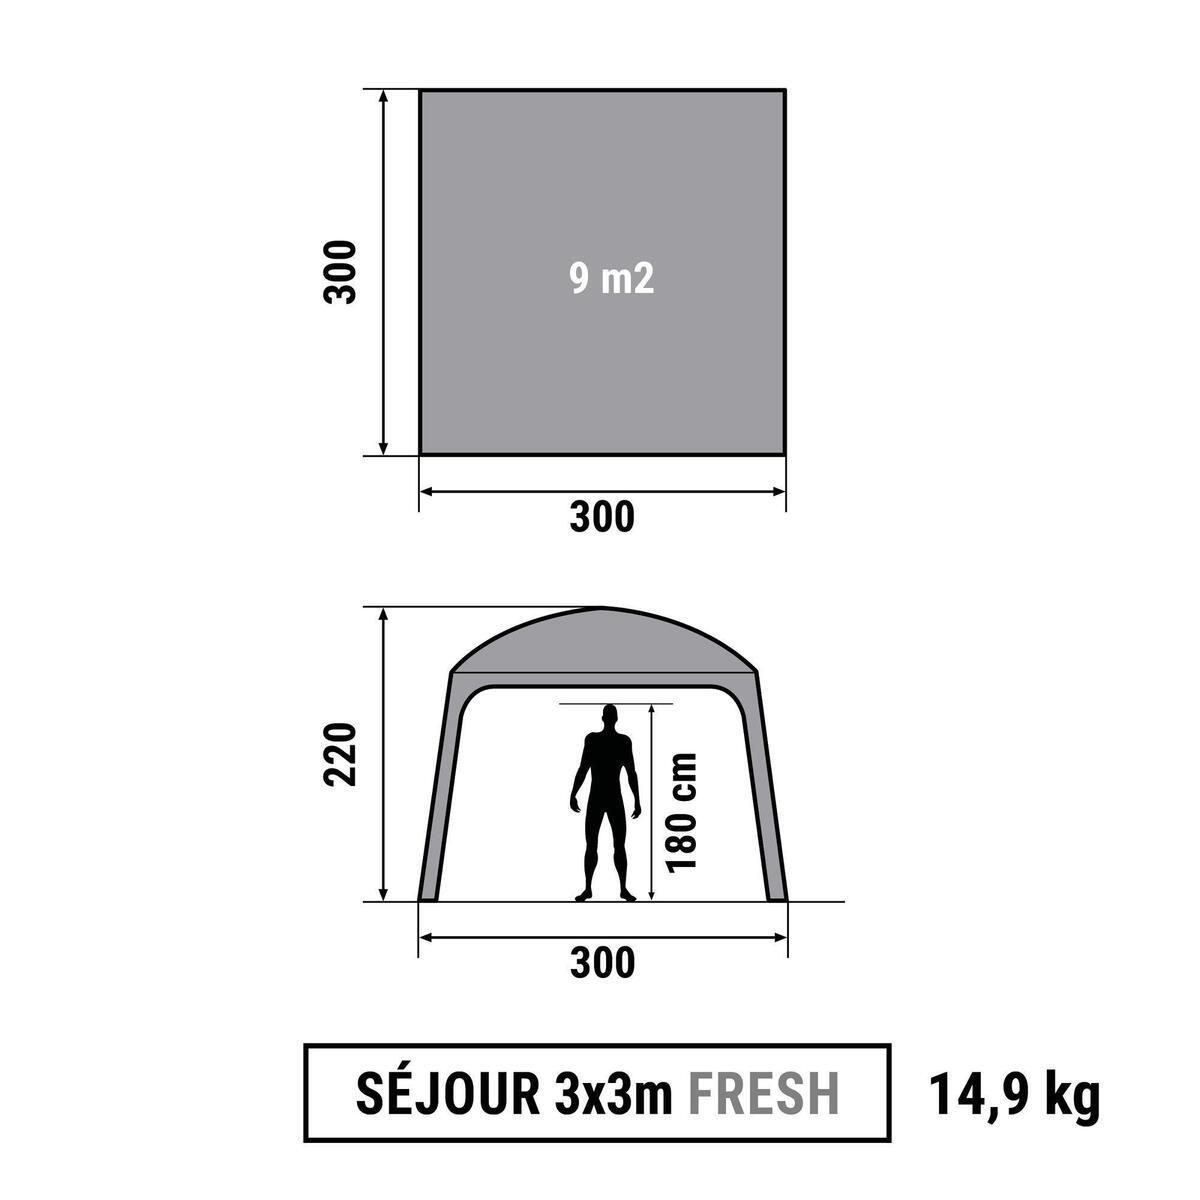 Bild 2 von Pavillon Arpenaz 3 נ3 m mit Türen 10 Personen Camping LSF 50+ Fresh&Black weiß